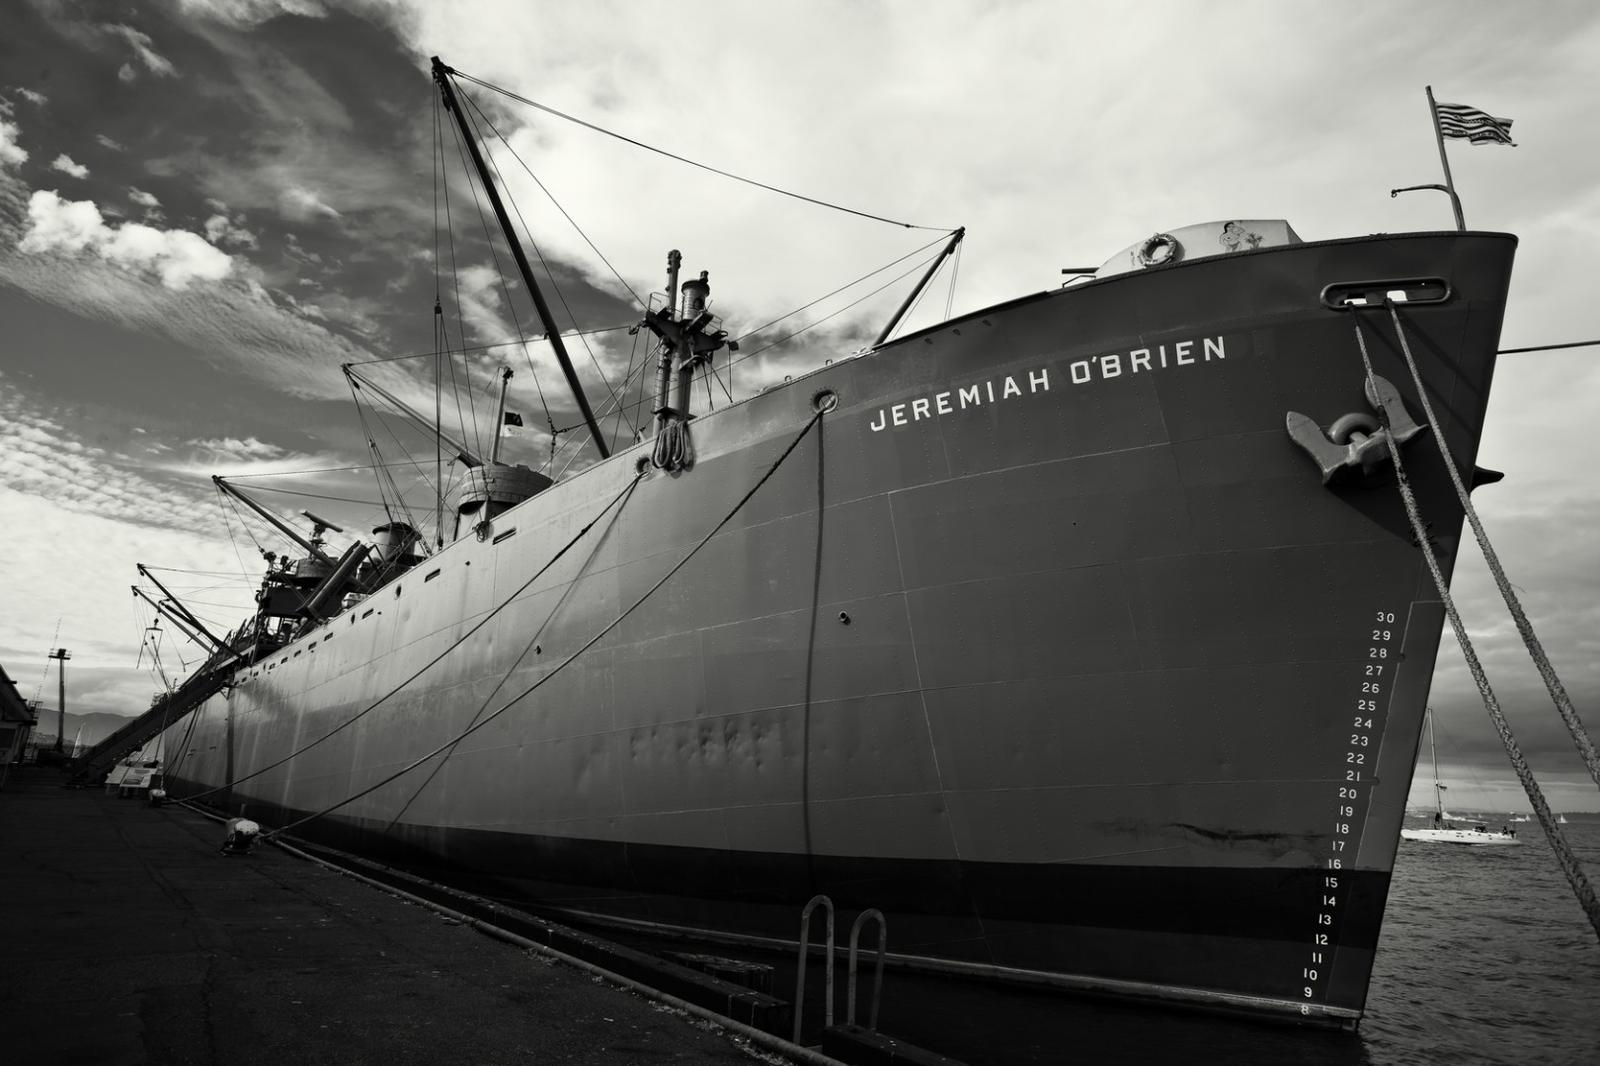 SS Jeremiah O'Brien